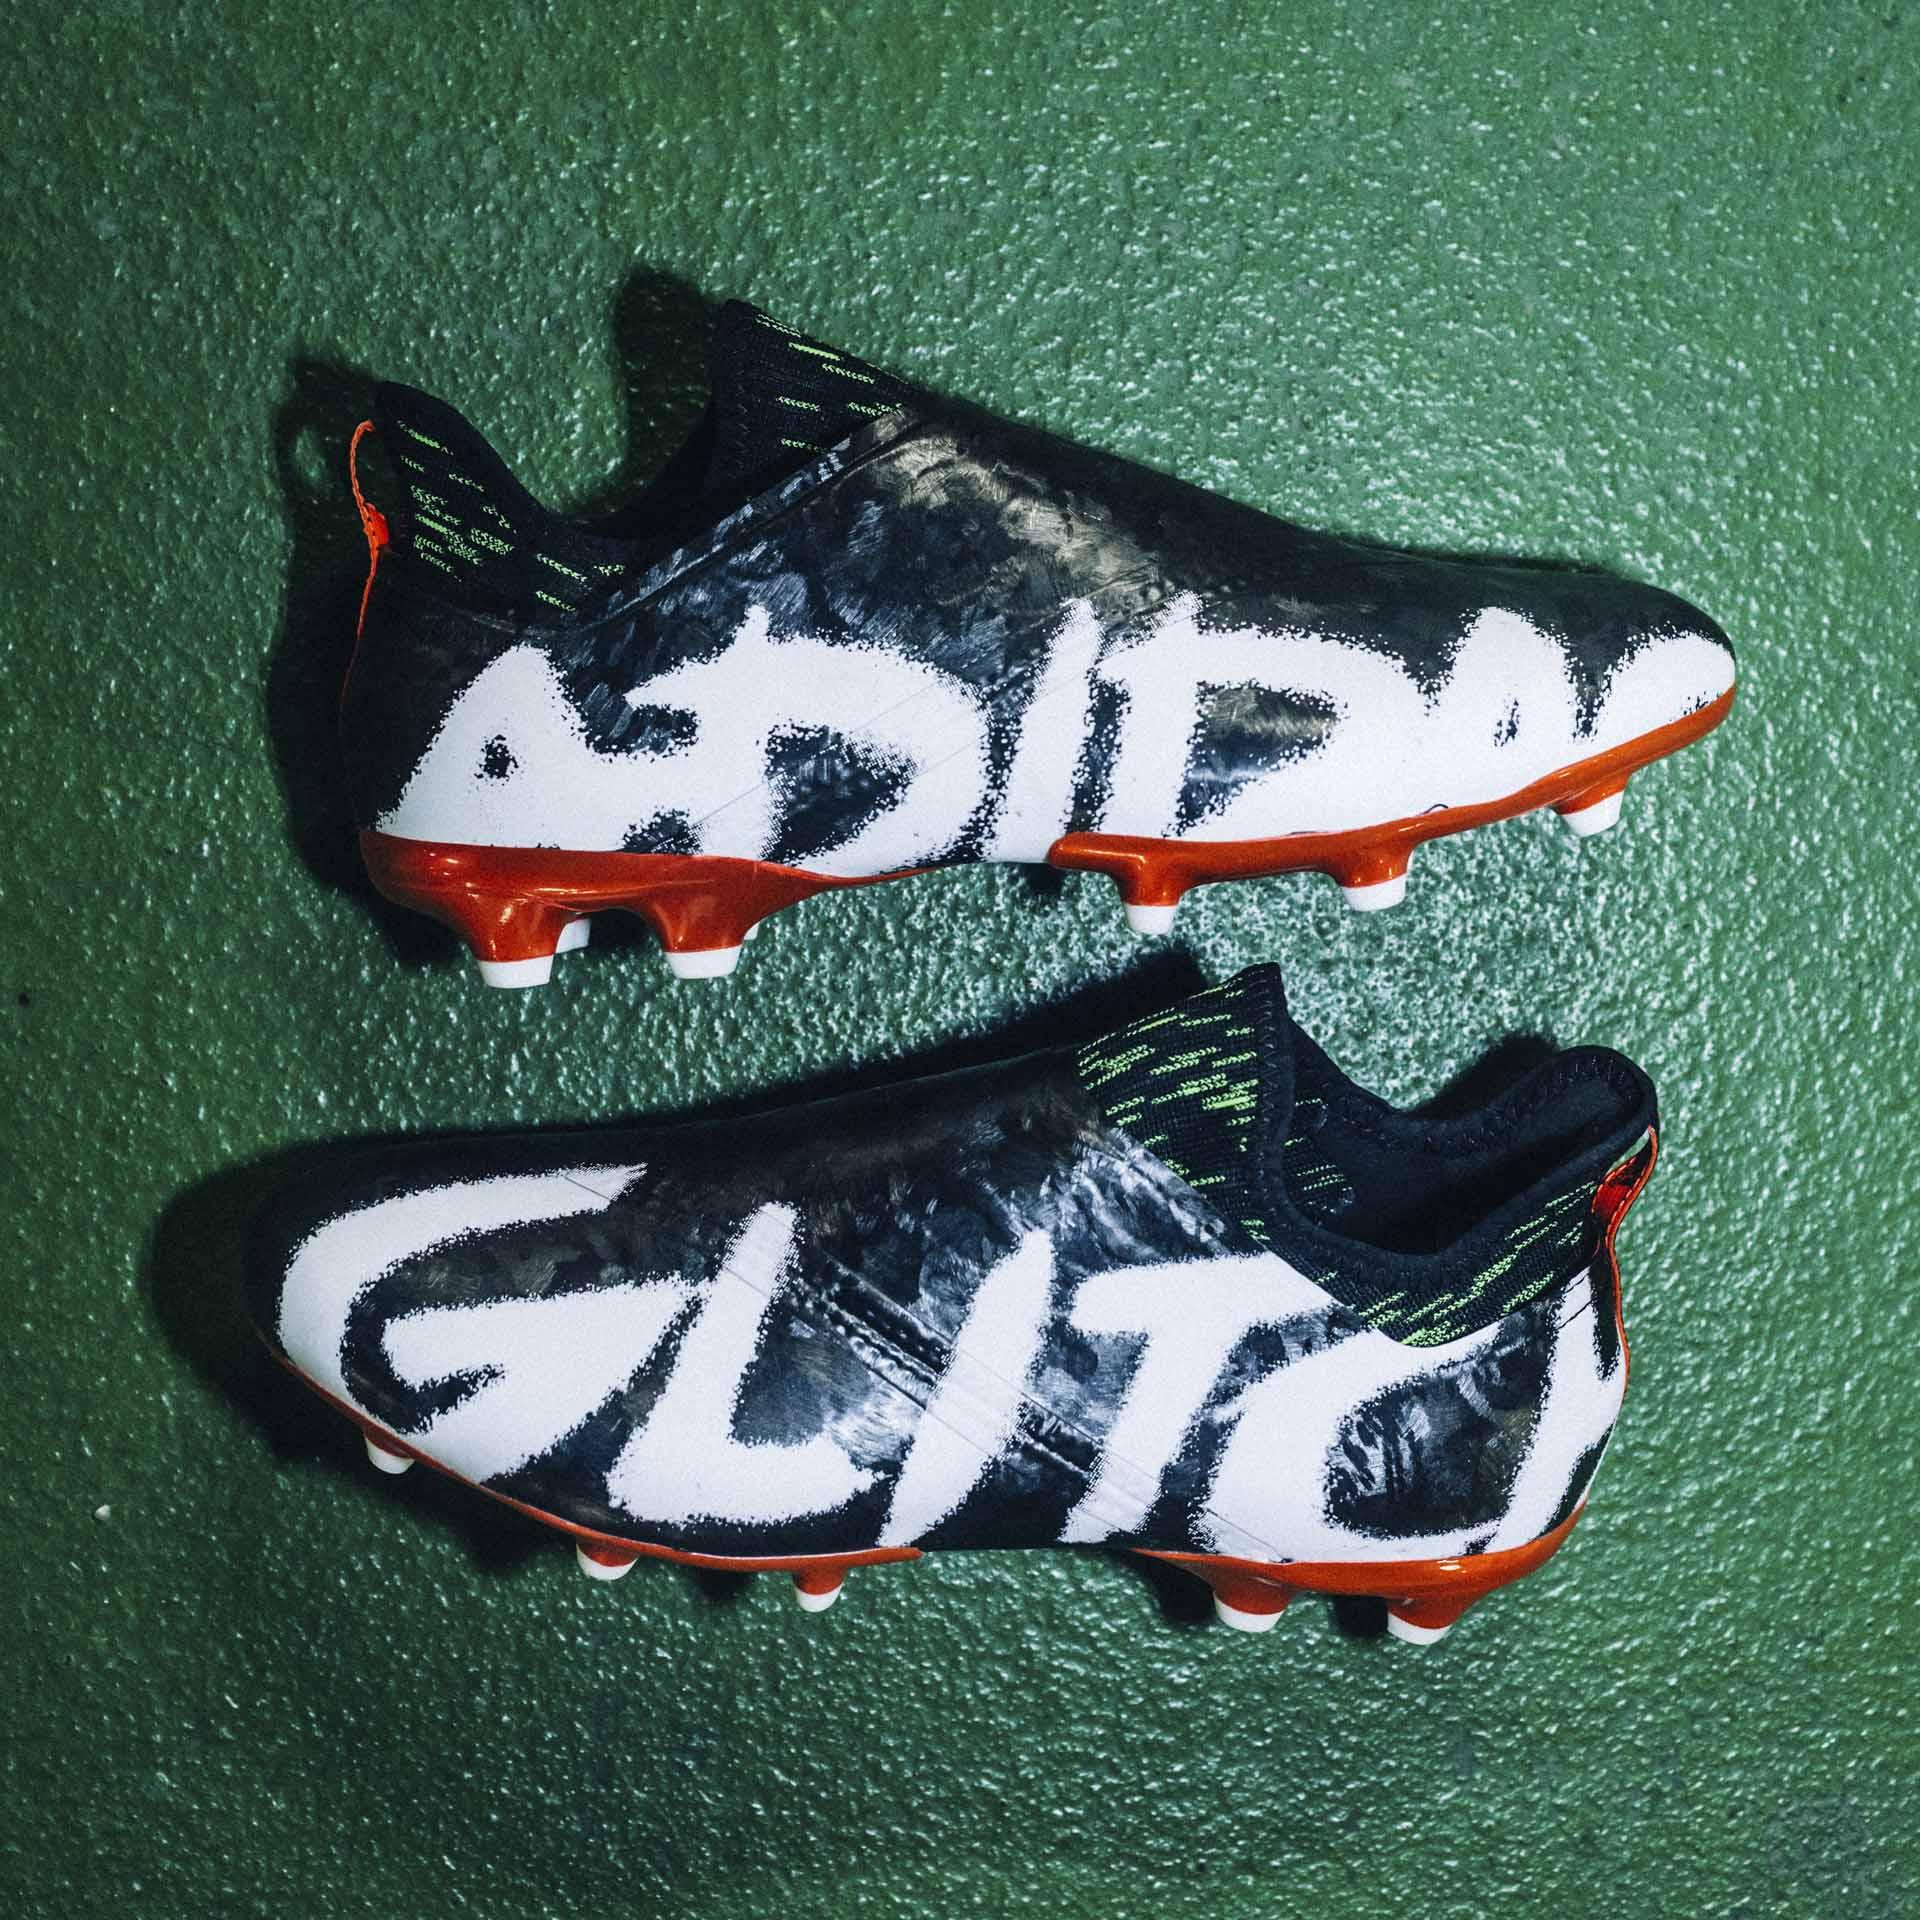 0d58a892501b adidas Launch The Glitch 18